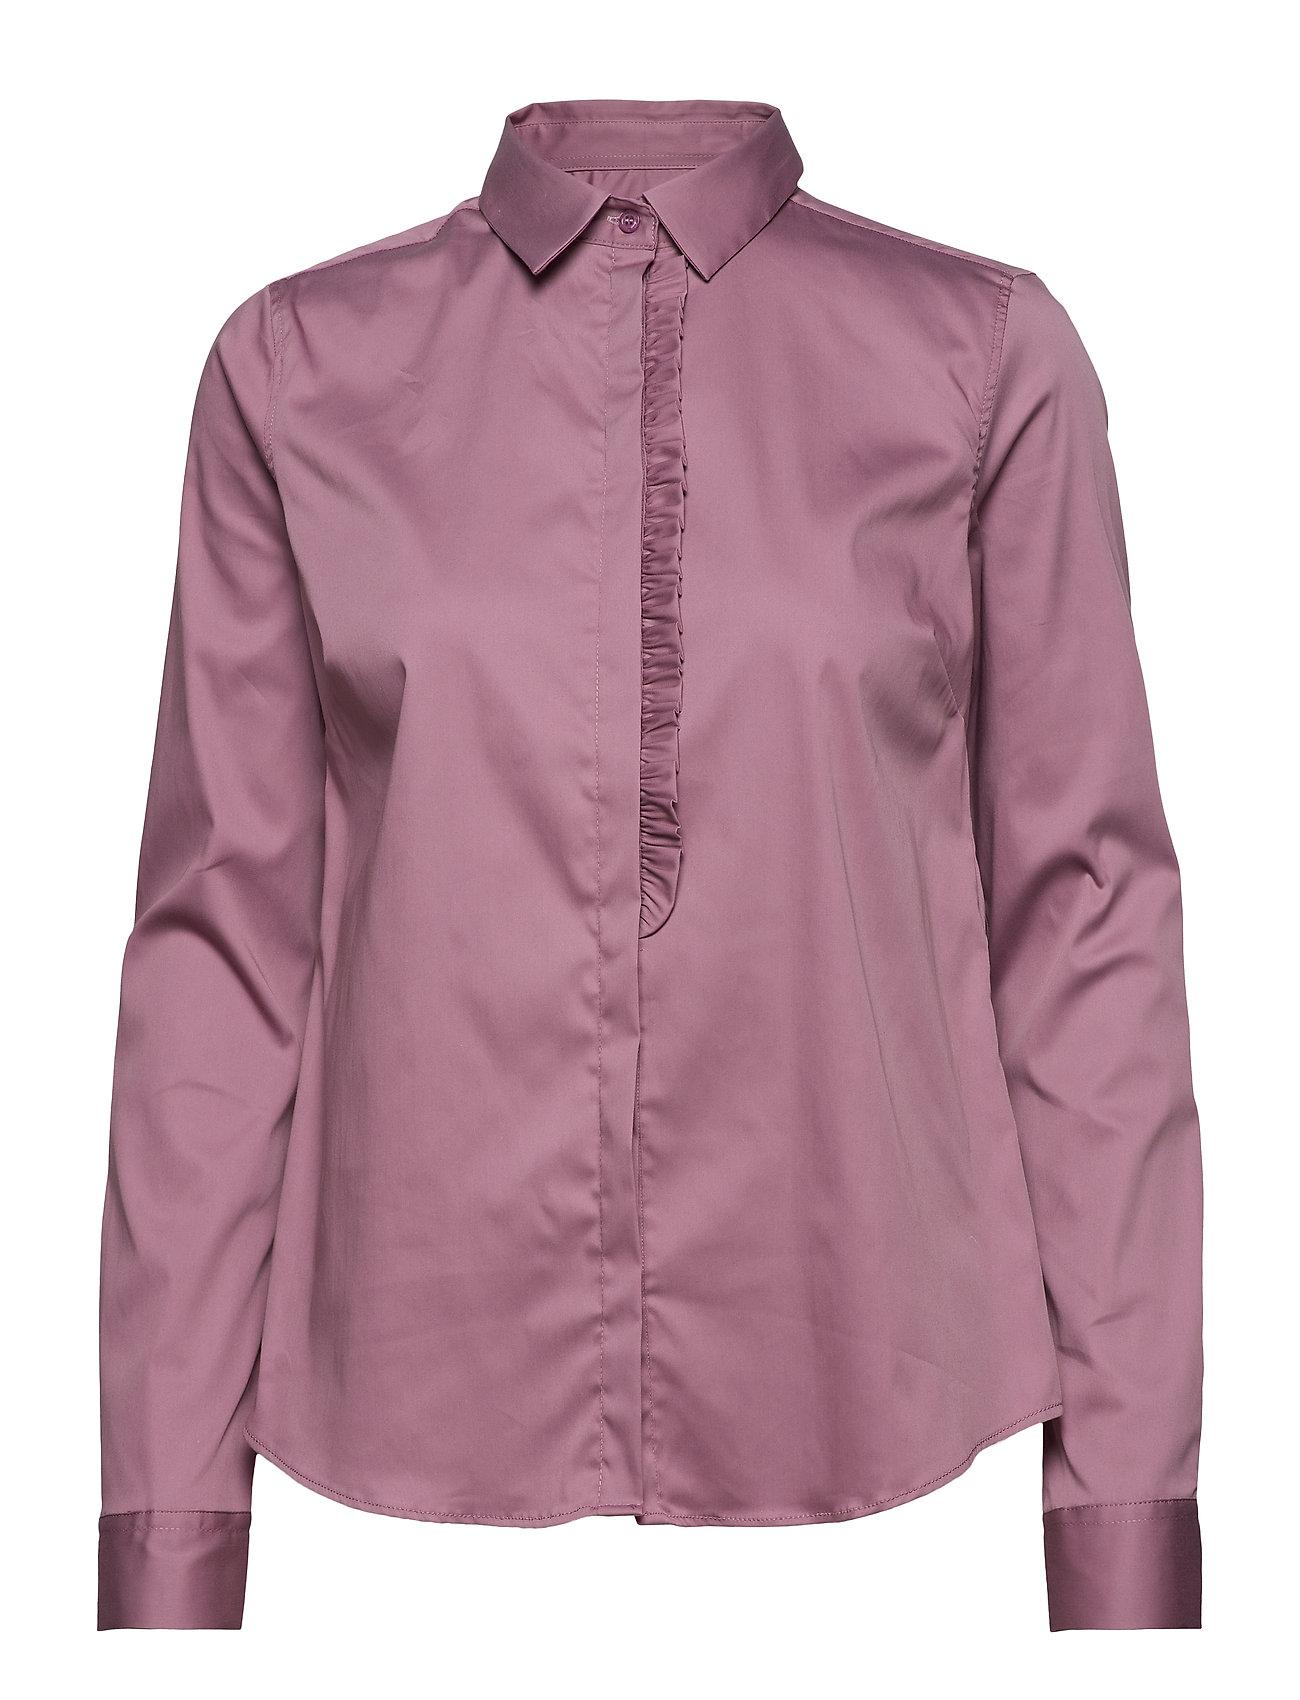 MOS MOSH Tilda Frill Shirt - VERY GRAPE